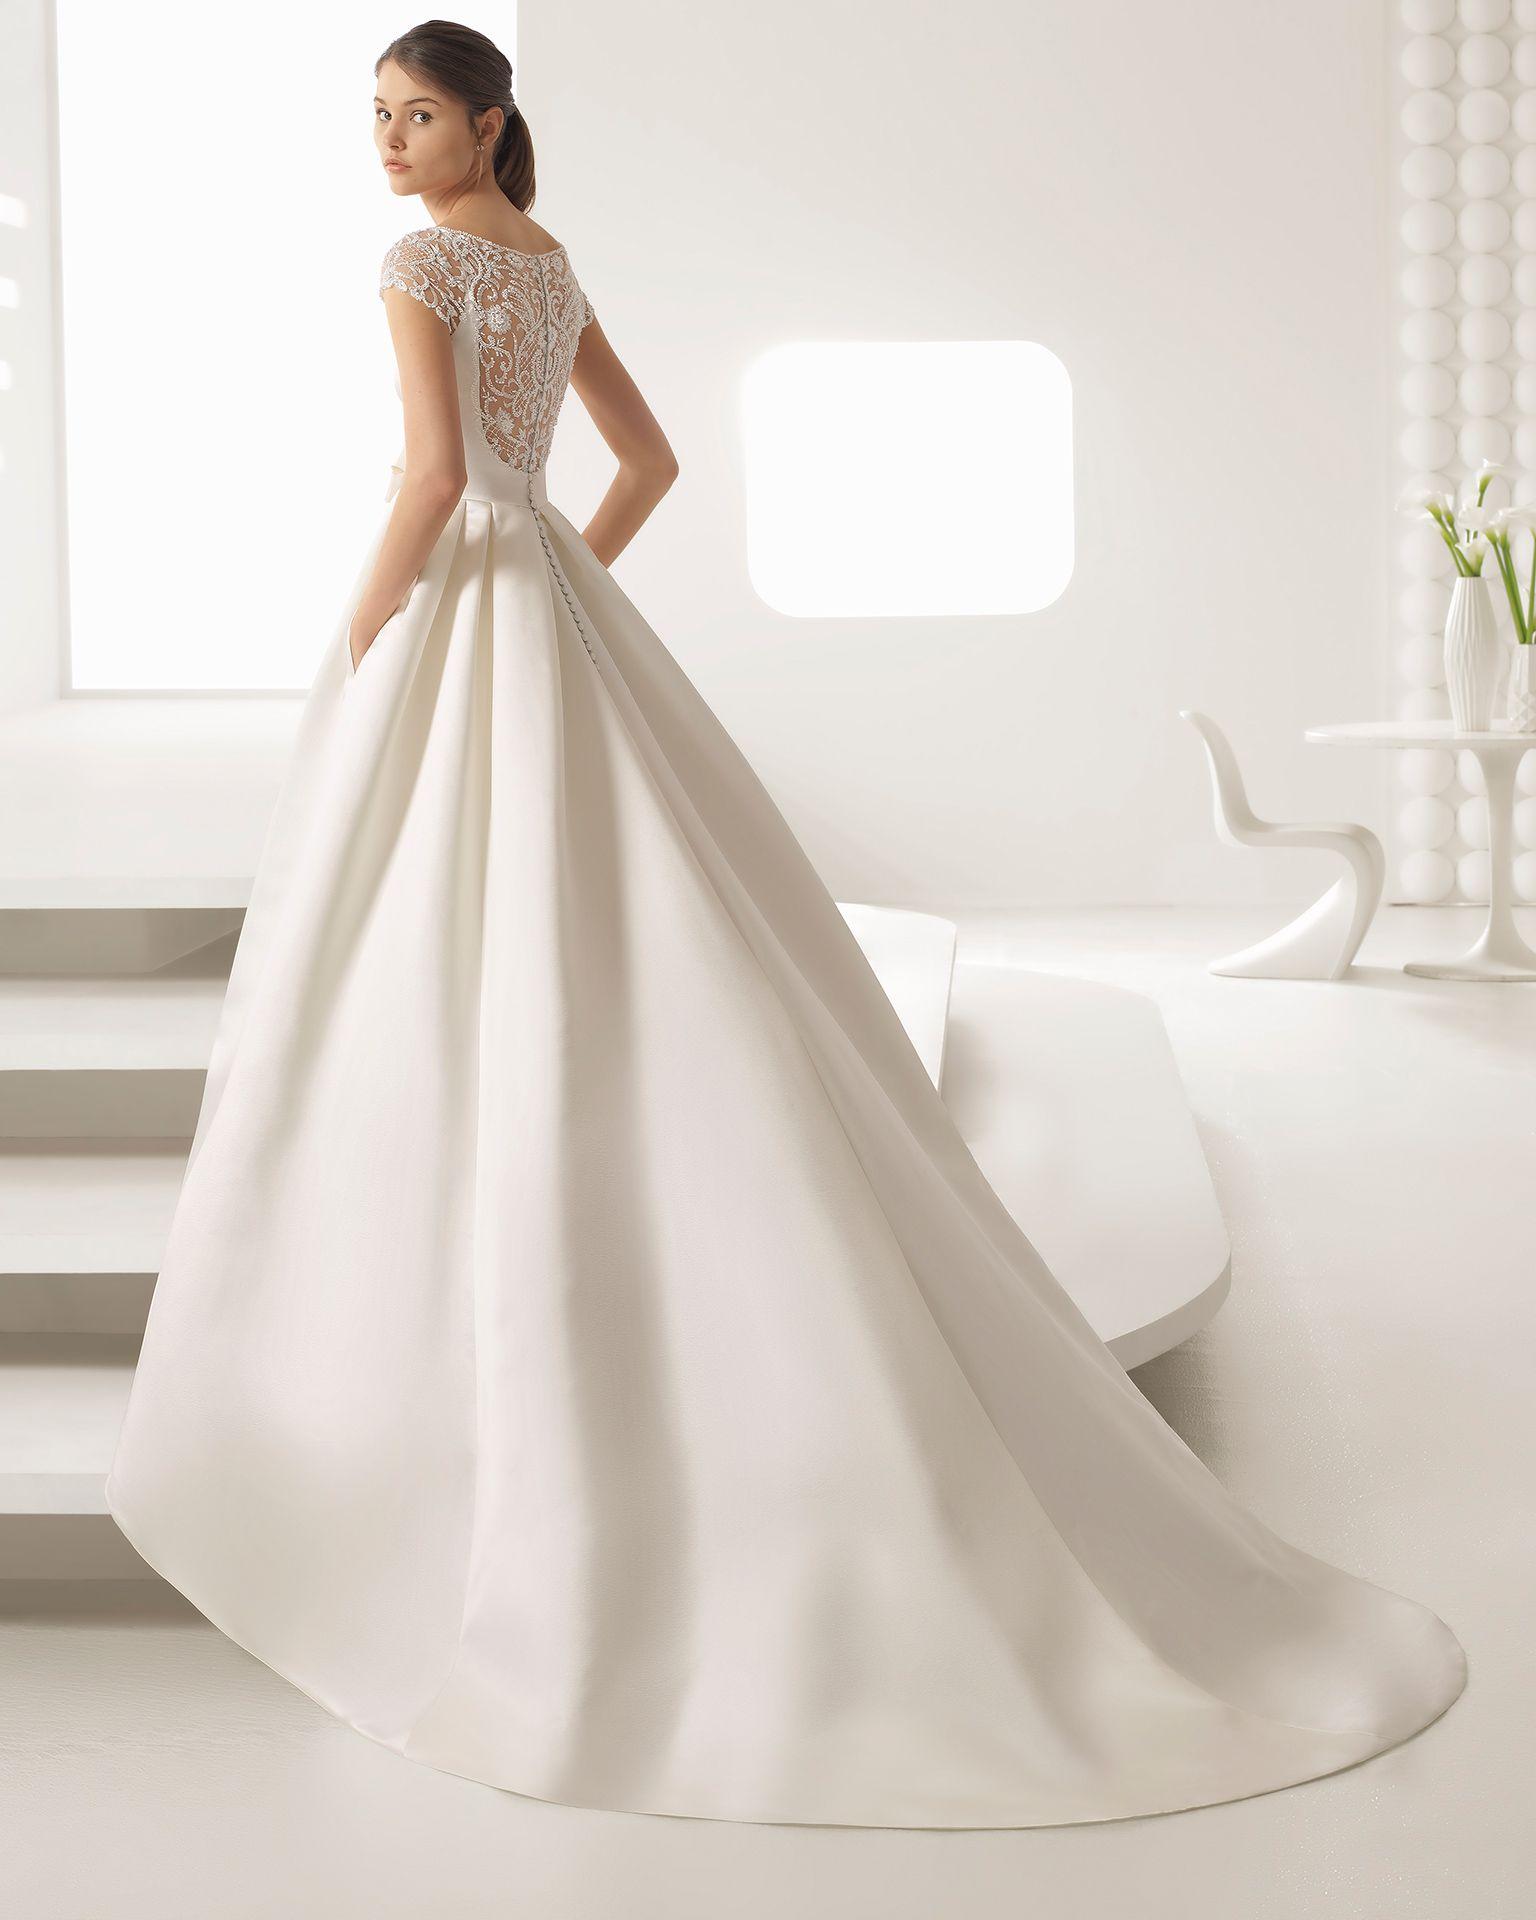 c37297432 Vestido de novia estilo clásico en raso duquesa y encaje pedrería